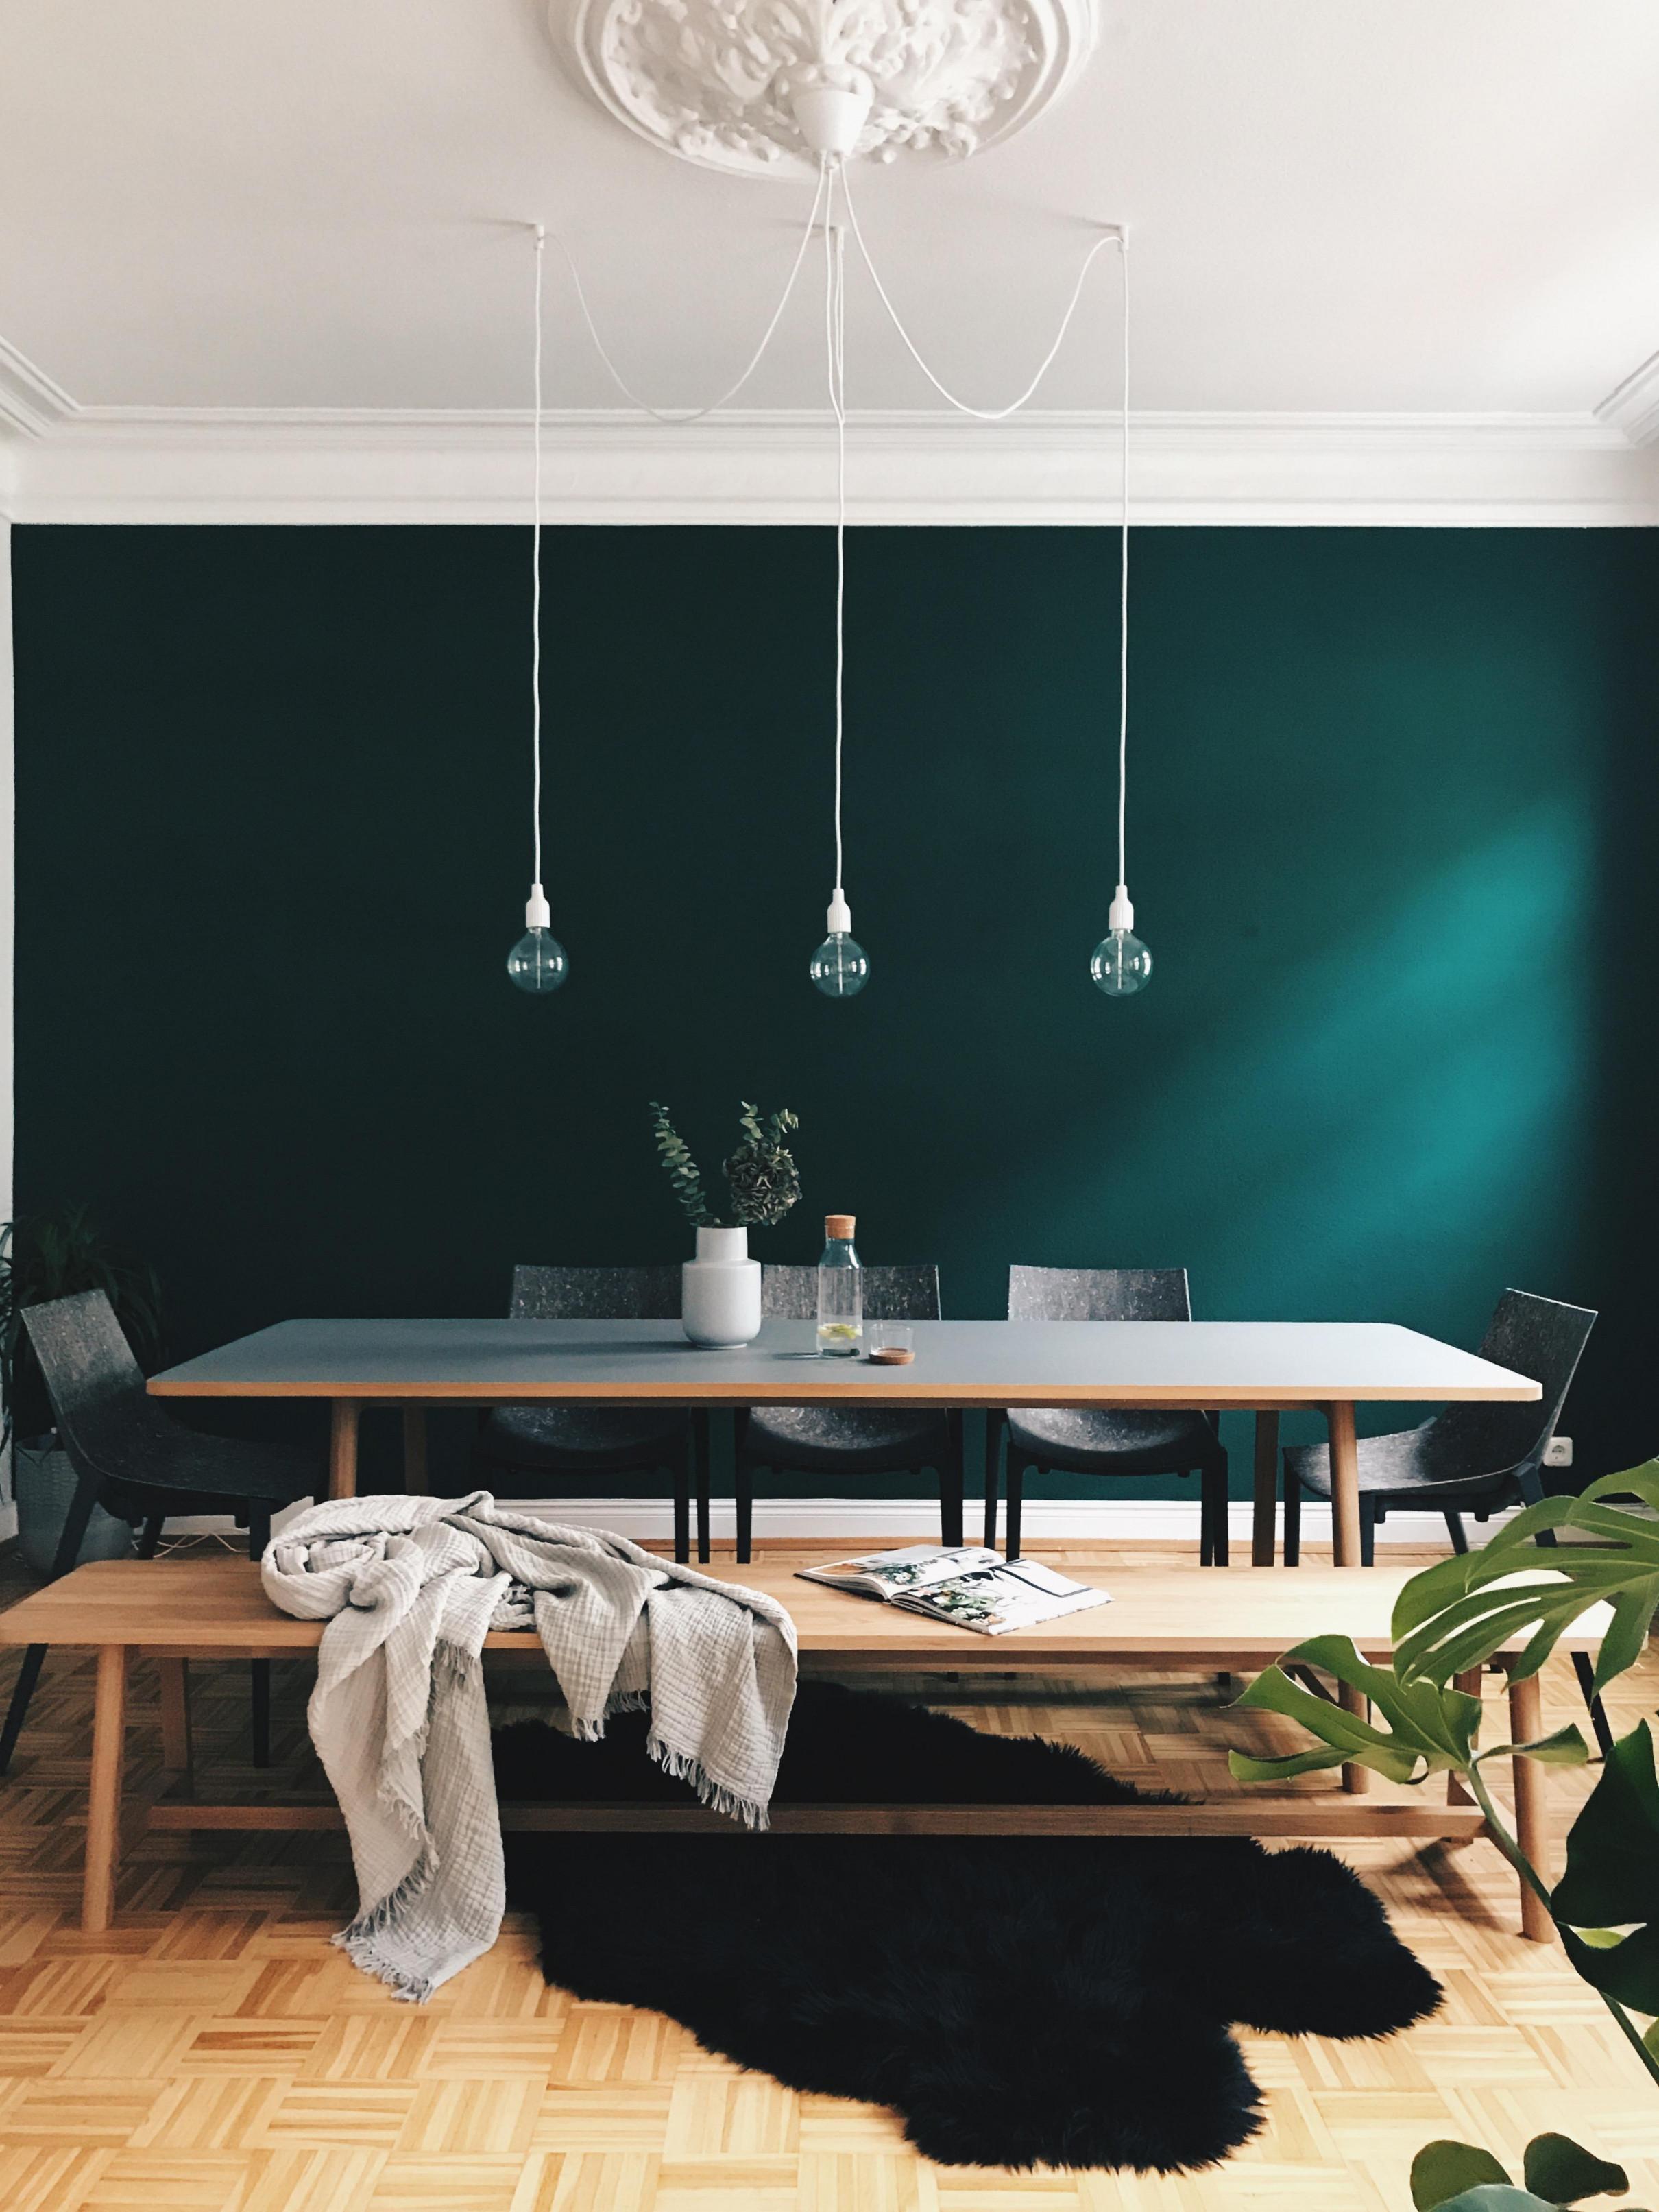 Deckengestaltung Mal Anders Inspiration Auf Couch von Deckengestaltung Wohnzimmer Ideen Photo